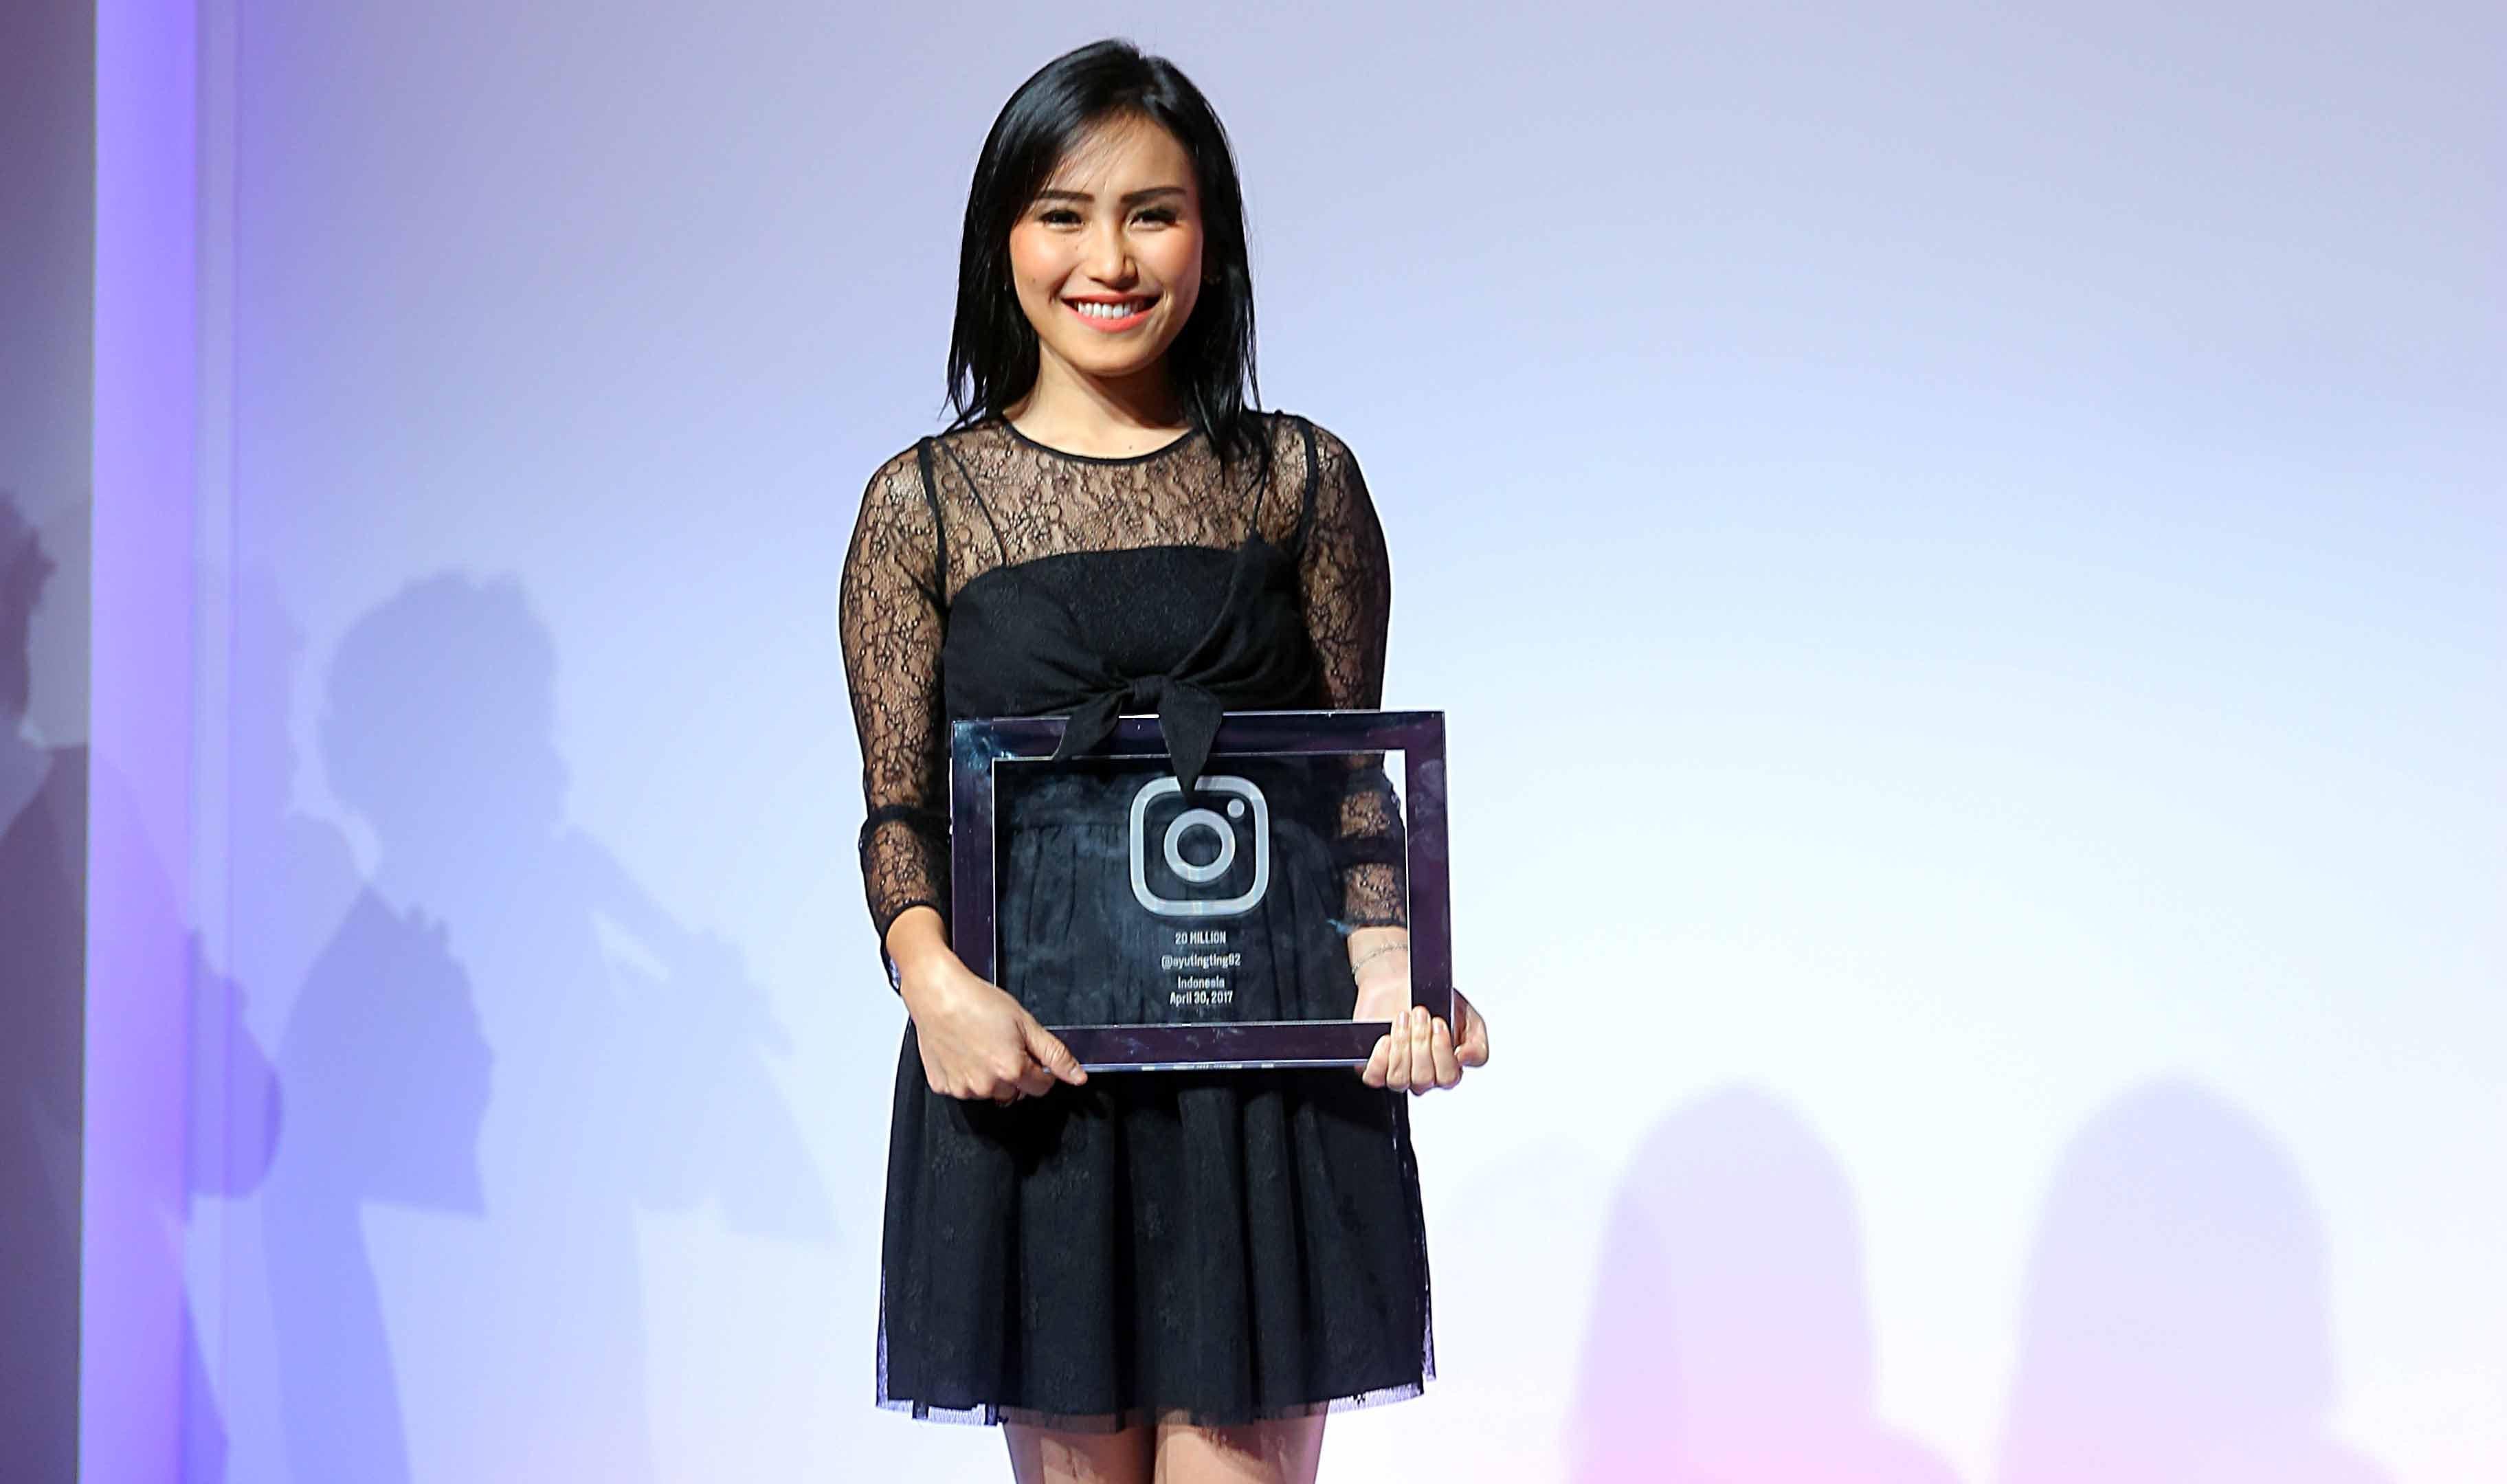 Ayu Ting Ting baru saja menerima penghargaan dari Instagram. Penyanyi dan pemeran itu memiliki pengikut atau follower paling banyak di Indonesia. Janda satu anak itu memiliki jumlah pengikut mencapai 21 juta. (Nurwahyunan/Bintang.com)